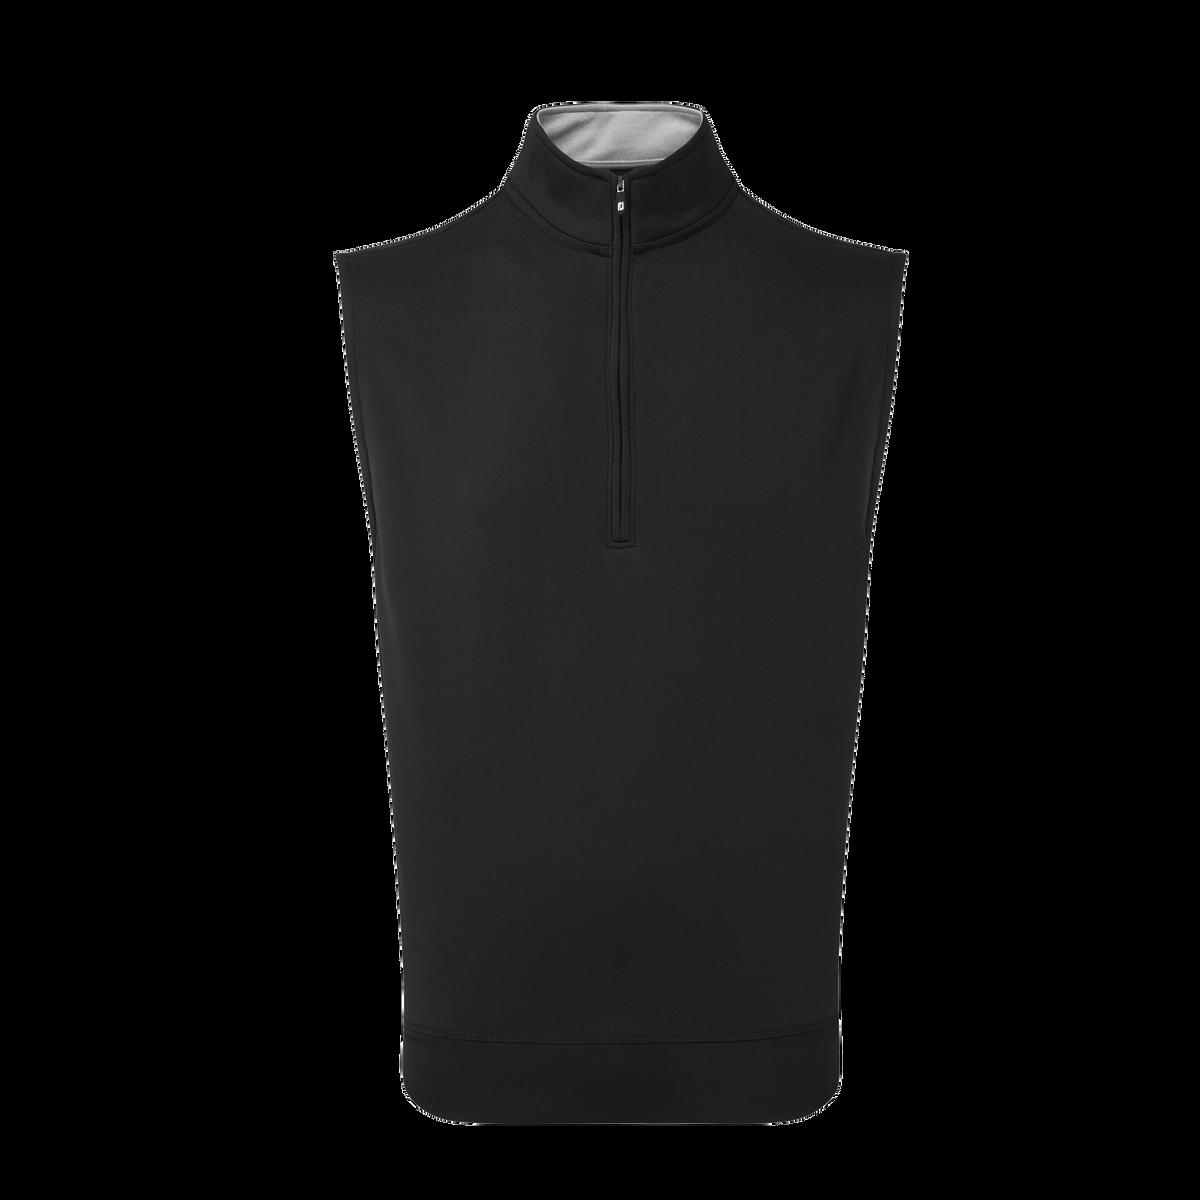 Half-Zip Knit Vest